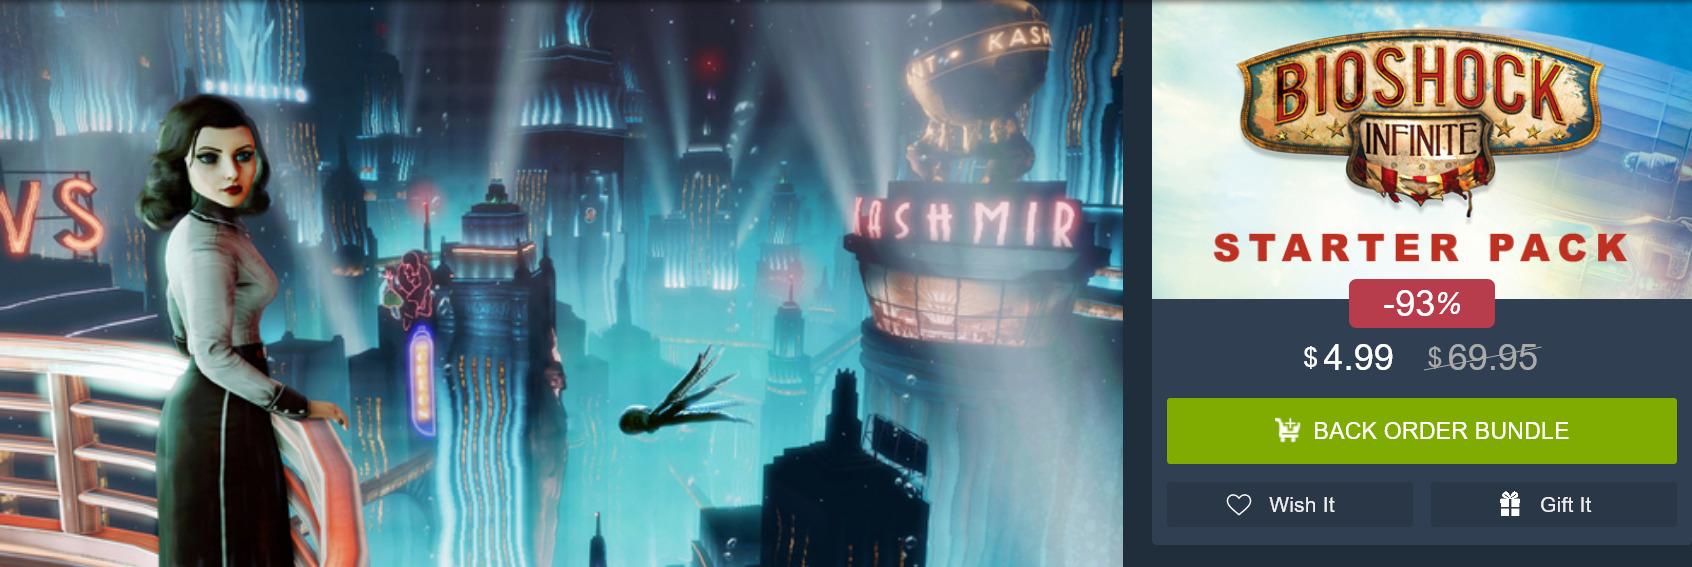 Screenshot_2019-12-23 BioShock Infinite Starter Pack.jpg